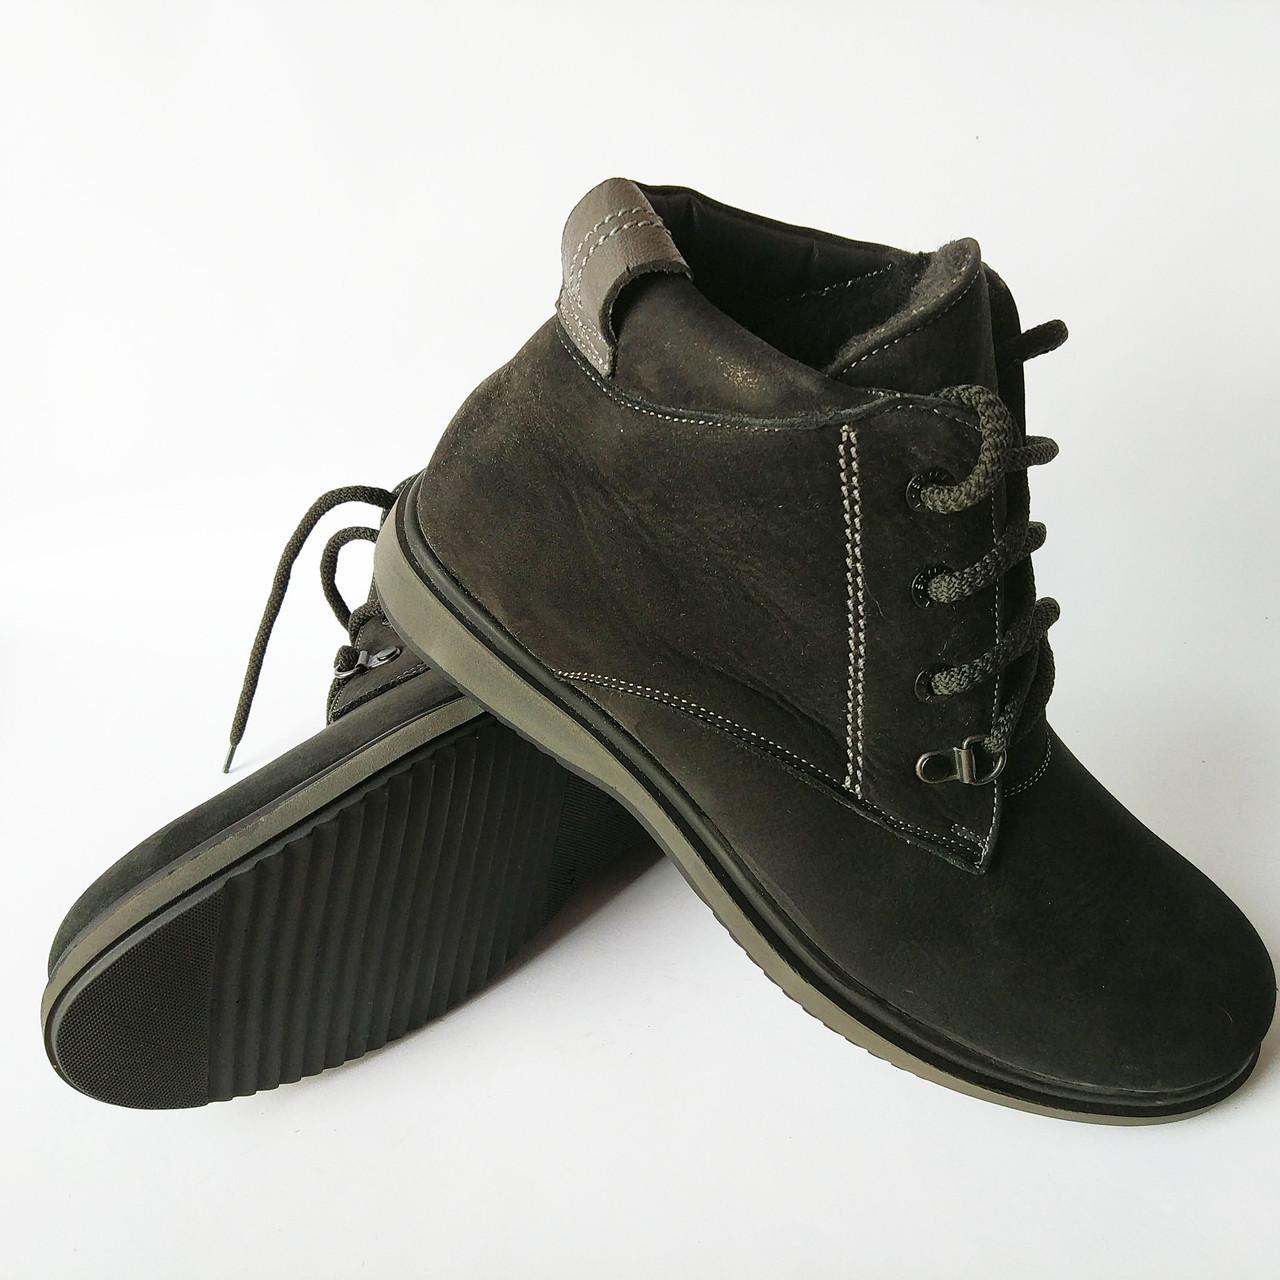 Зимняя обувь Бровары фабрики Cliford   мужские, замшевые ботинки, черного  цвета, на меху 44453b61714